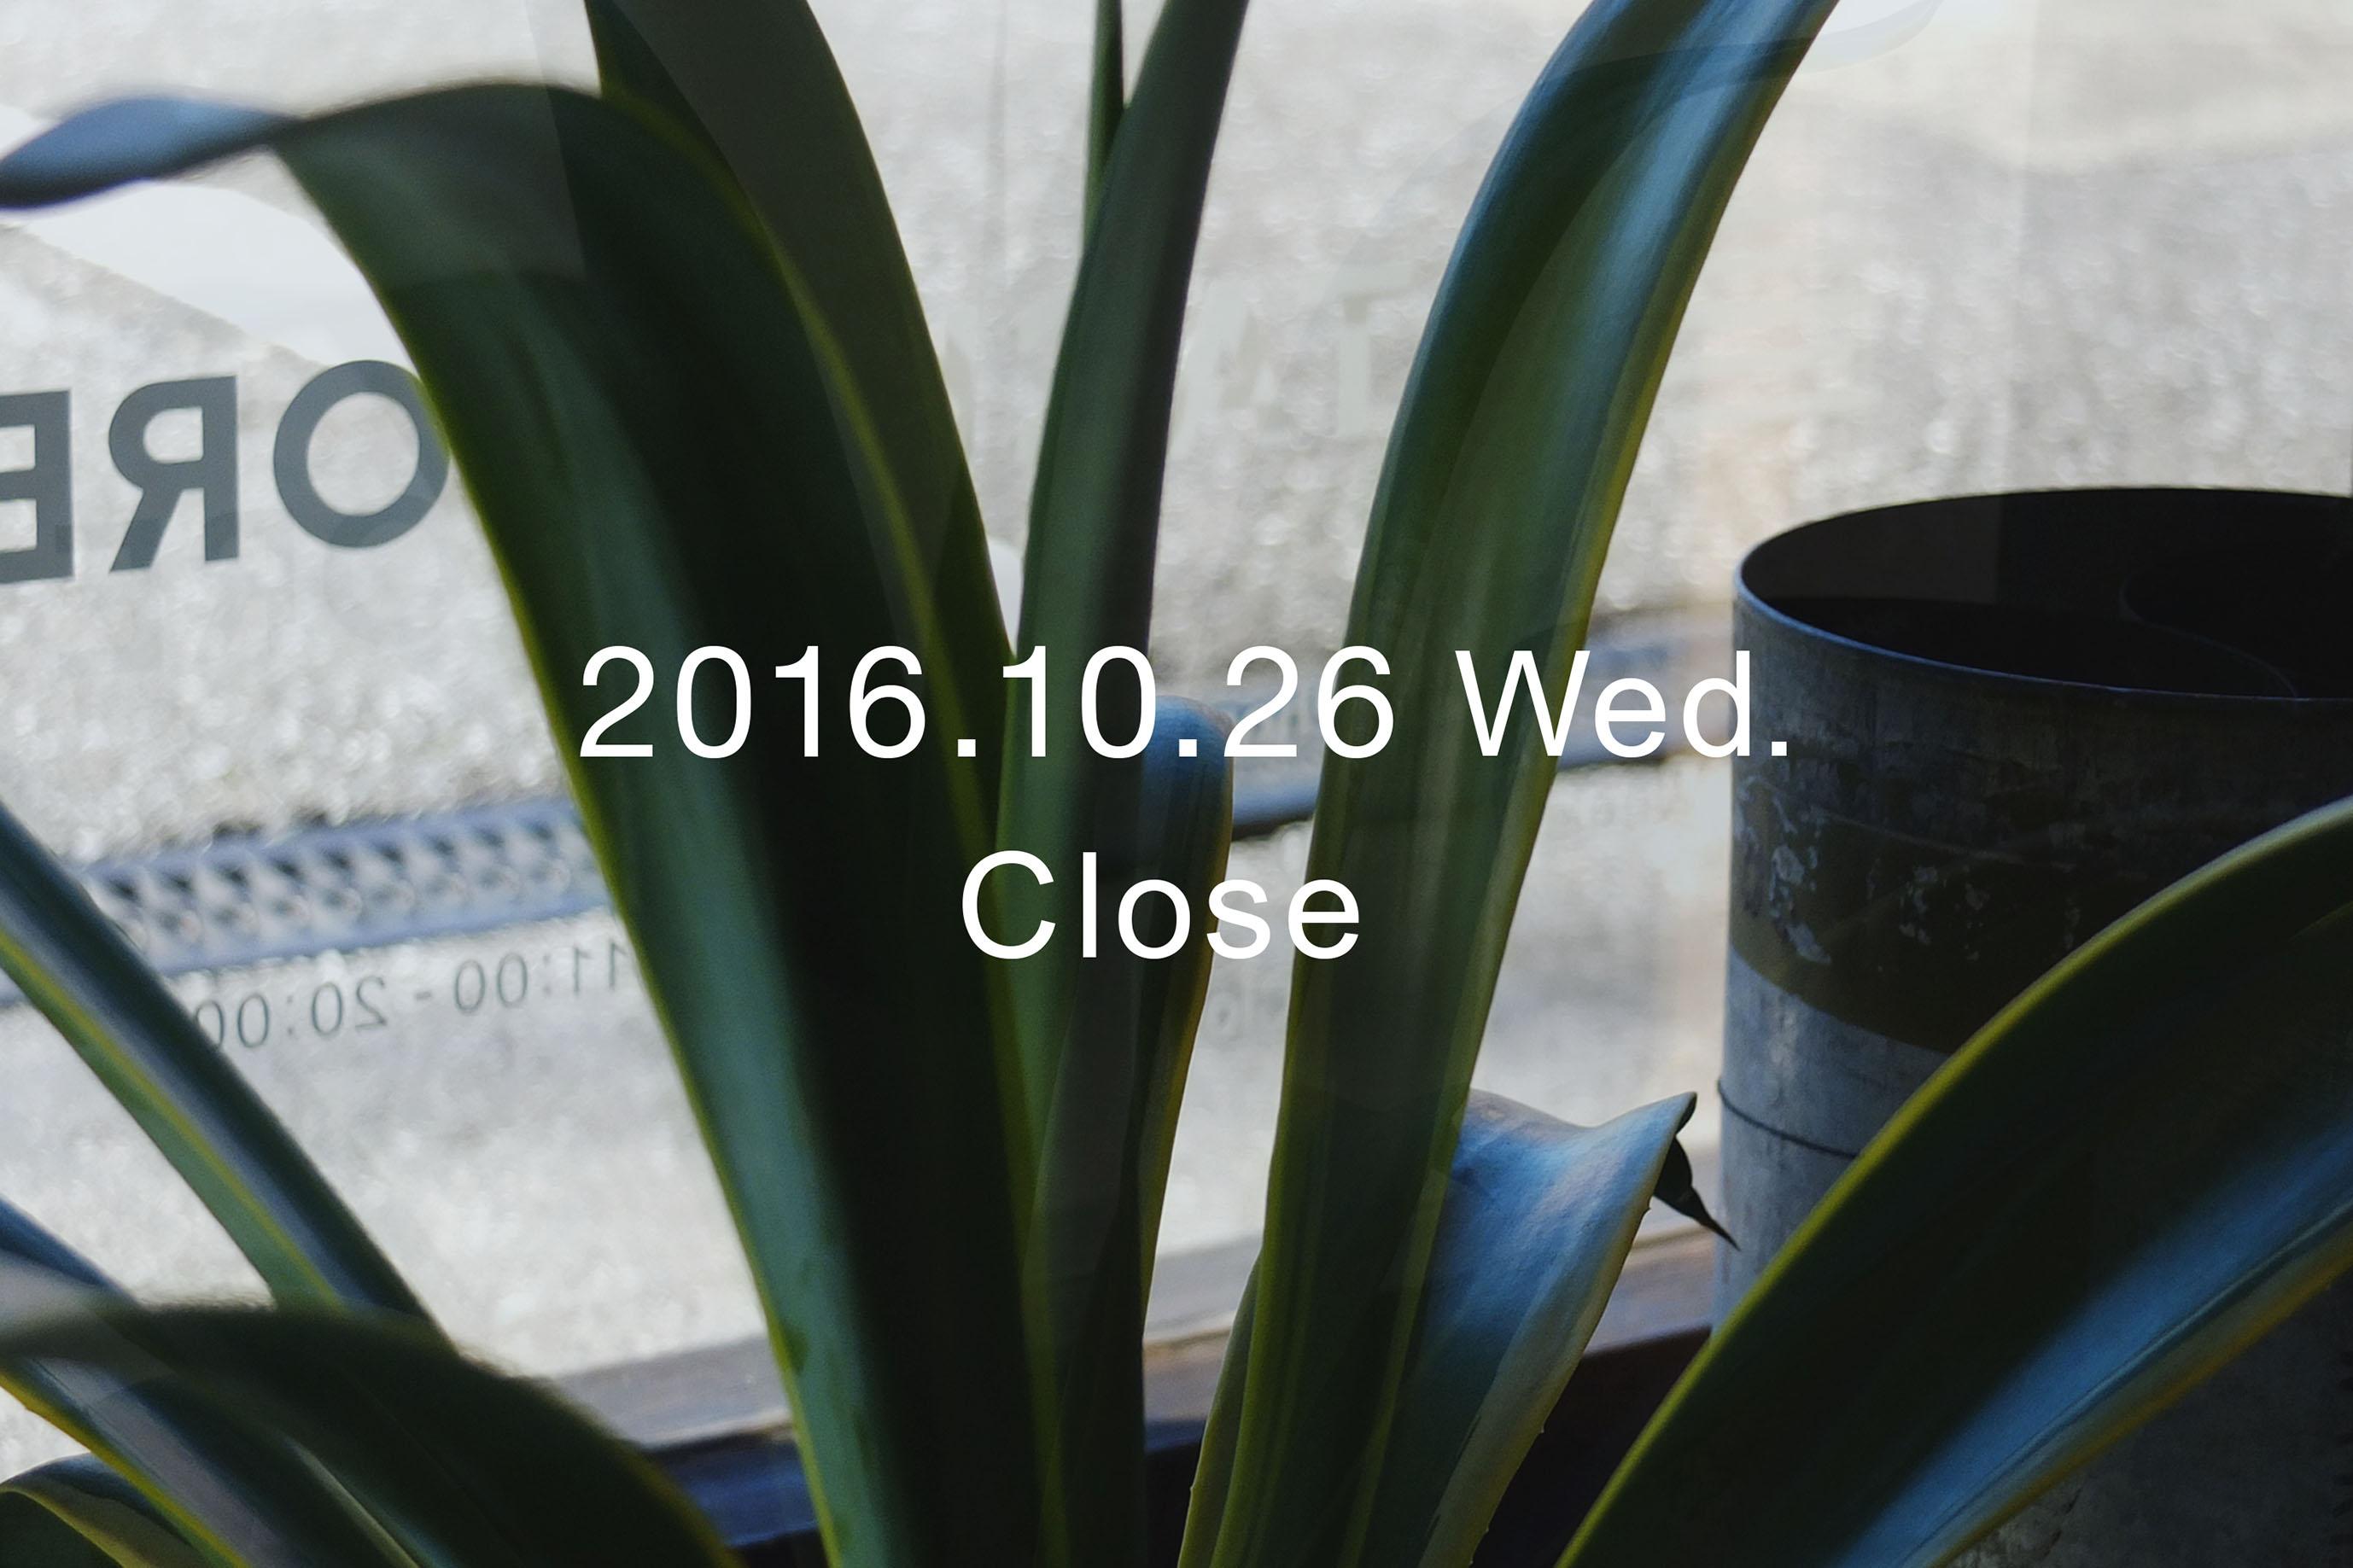 ss-close_20161026